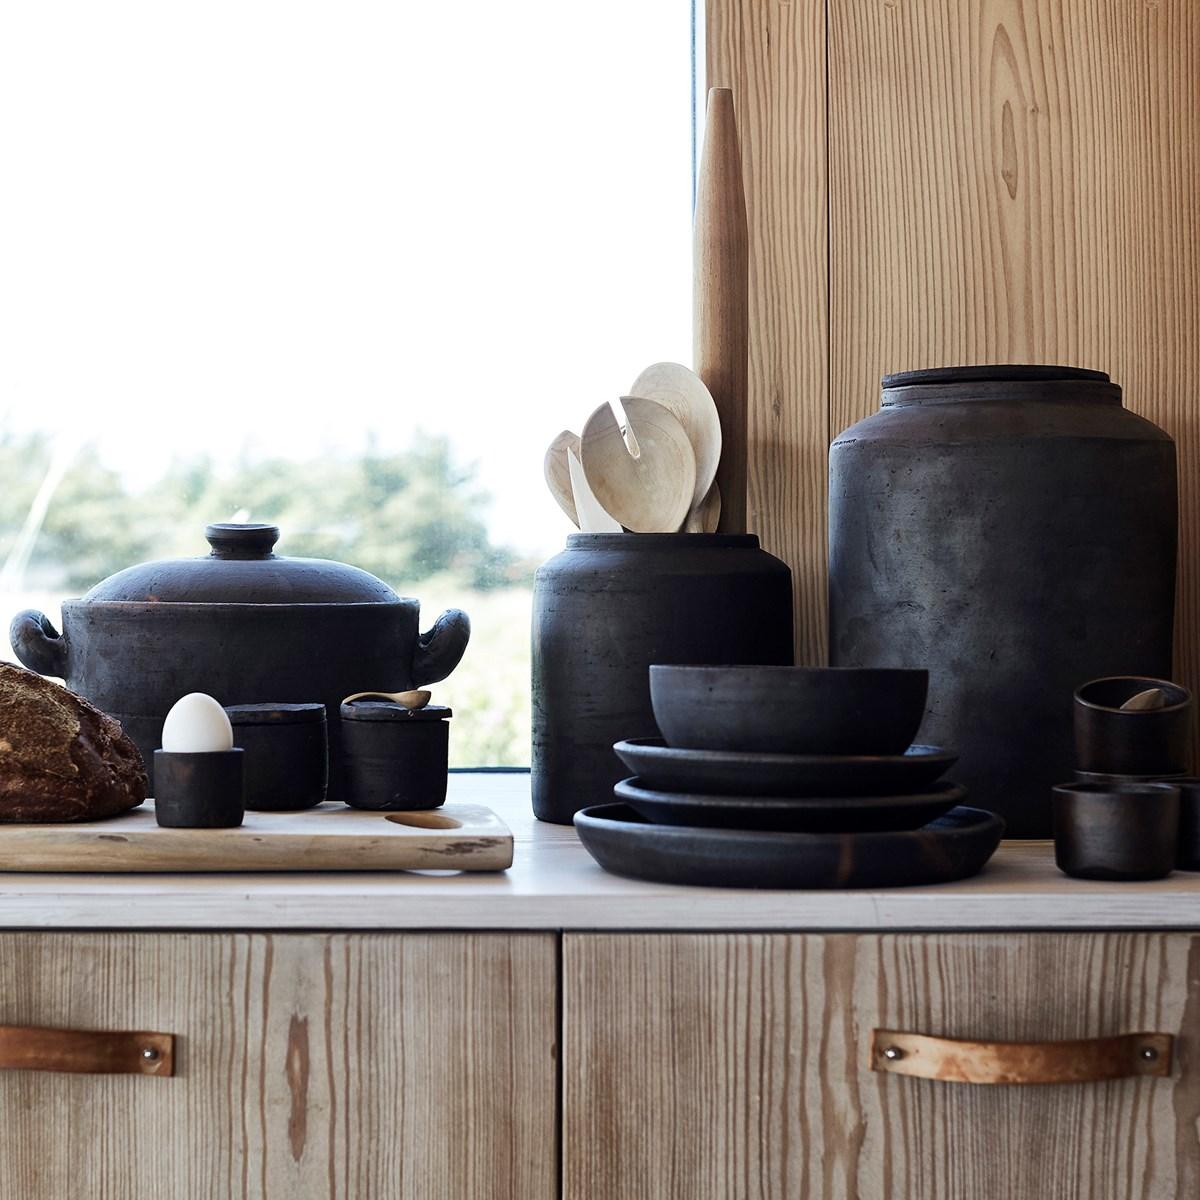 ustensile cuisine terre cuite marron foncé rustique cuillère en bois